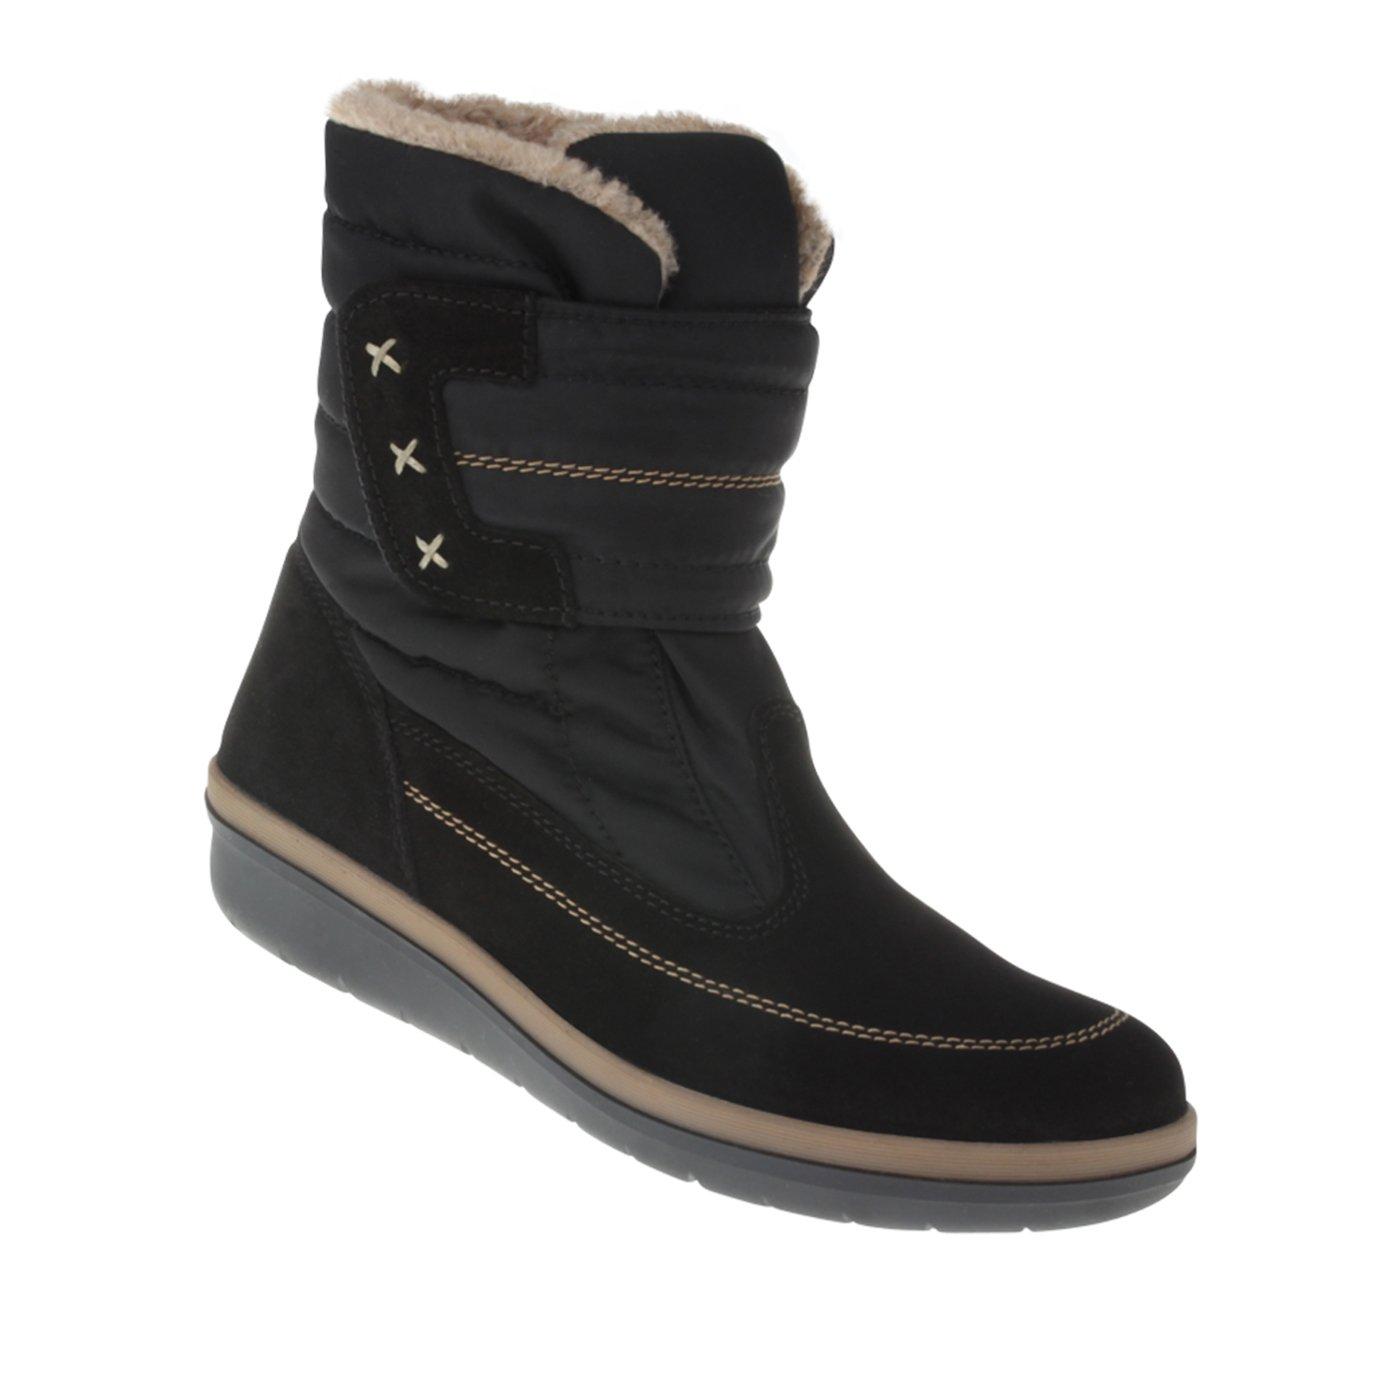 Tessamino Damen Stiefel aus Tex-Membran und echtem Leder   Weite H